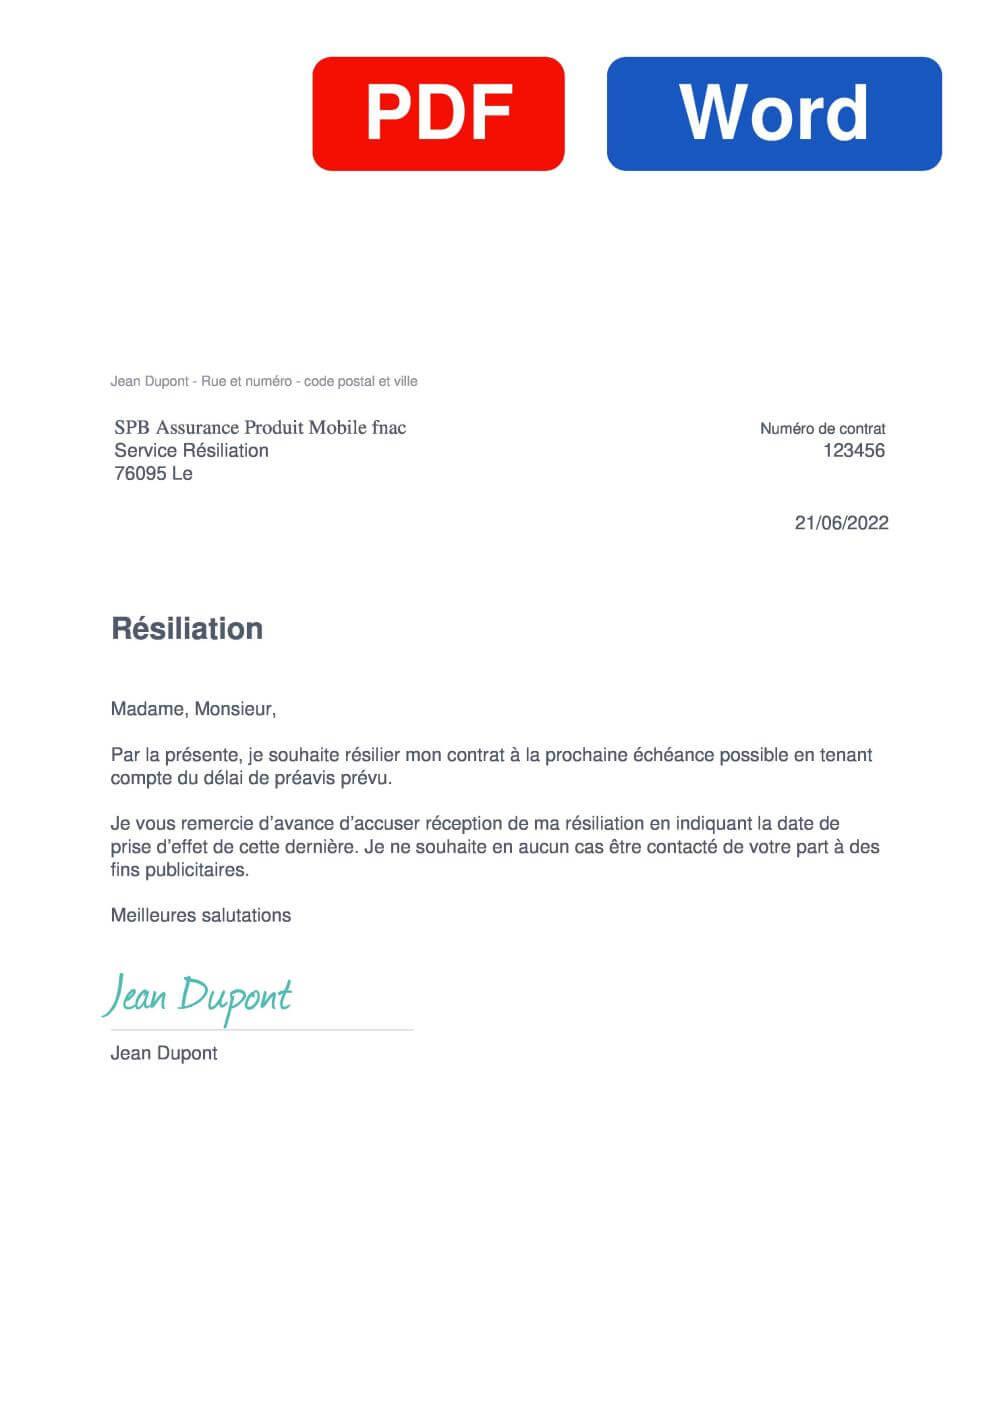 Fnac mobile Assurance Modèle de lettre de résiliation